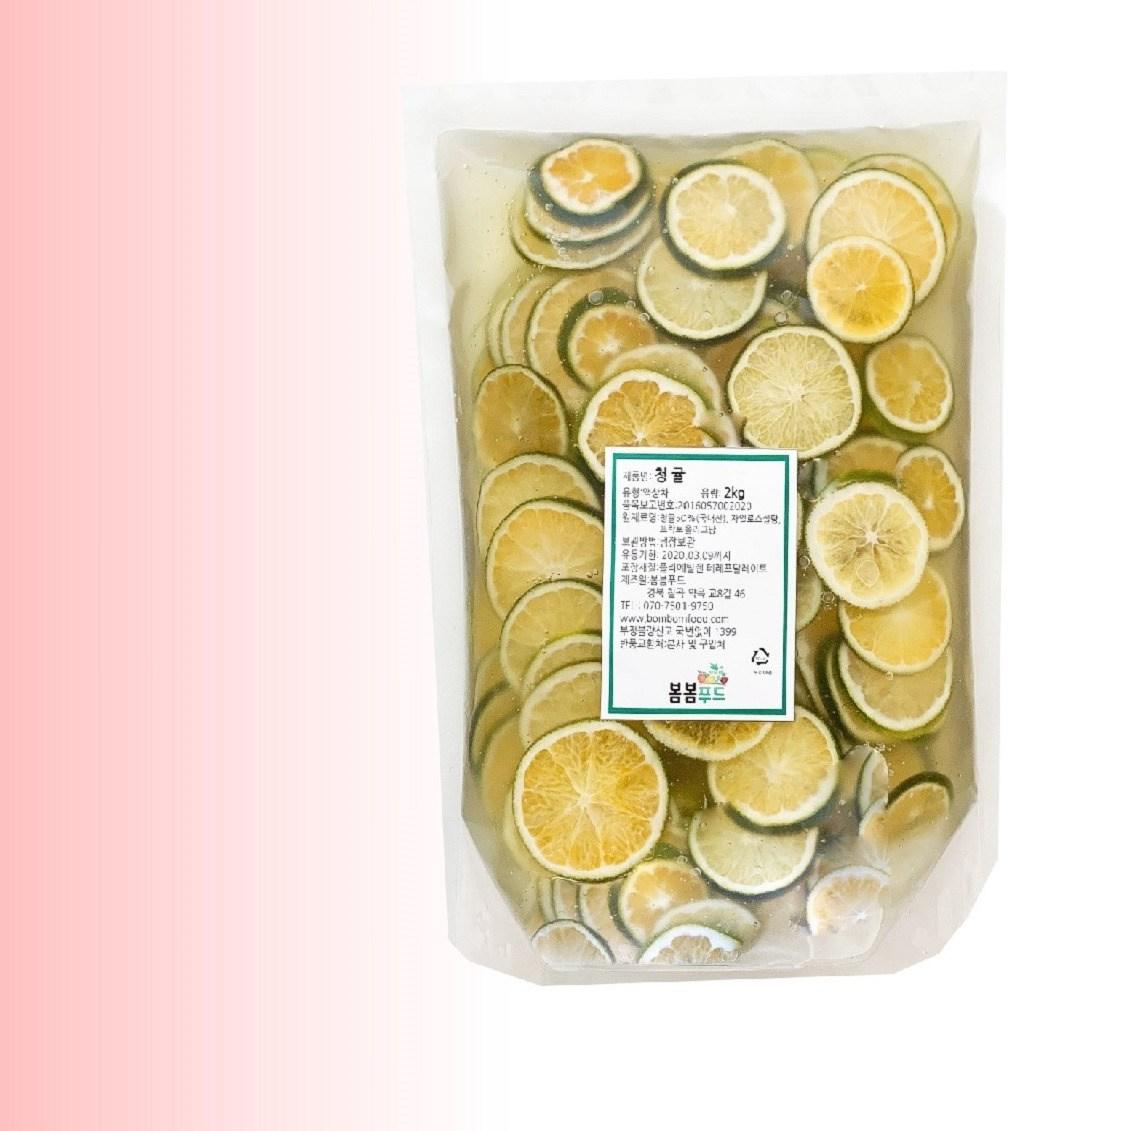 봄봄푸드 2kg 대용량 과일청 수제청, B09_청귤청2kg, 1개